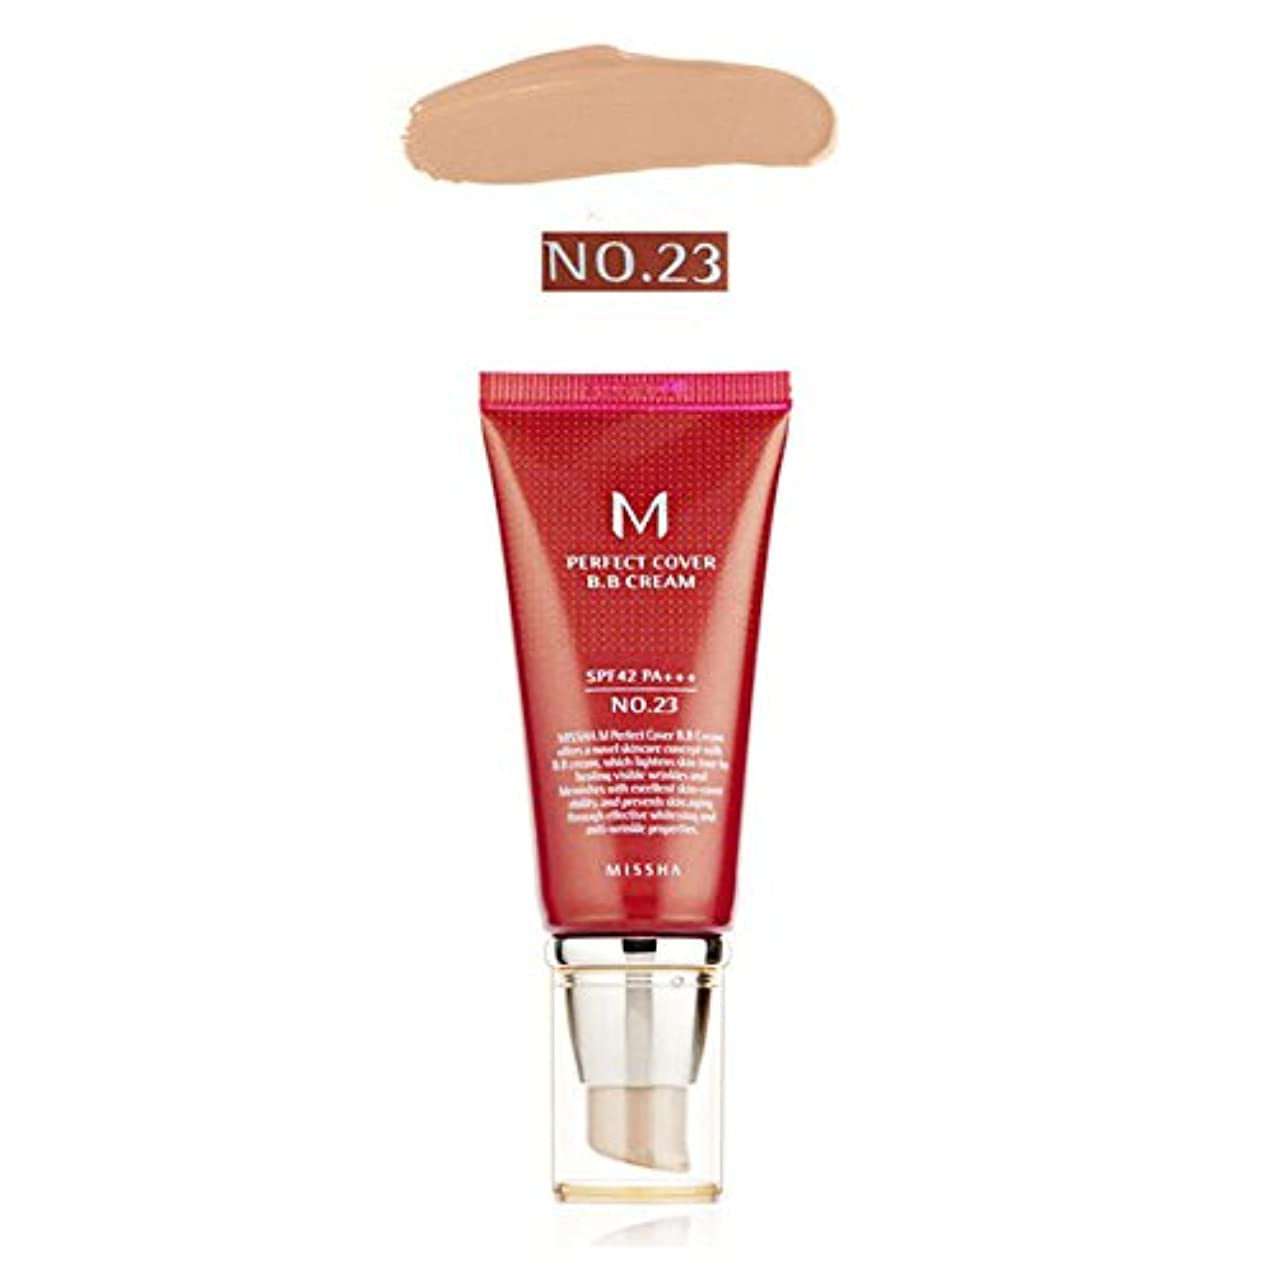 生まれドライバ我慢する[ミシャ] MISSHA [M パーフェクト カバー BBクリーム 21号 / 23号50ml] (M Perfect Cover BB cream 21号 / 23号 50ml) SPF42 PA+++ (Type2...